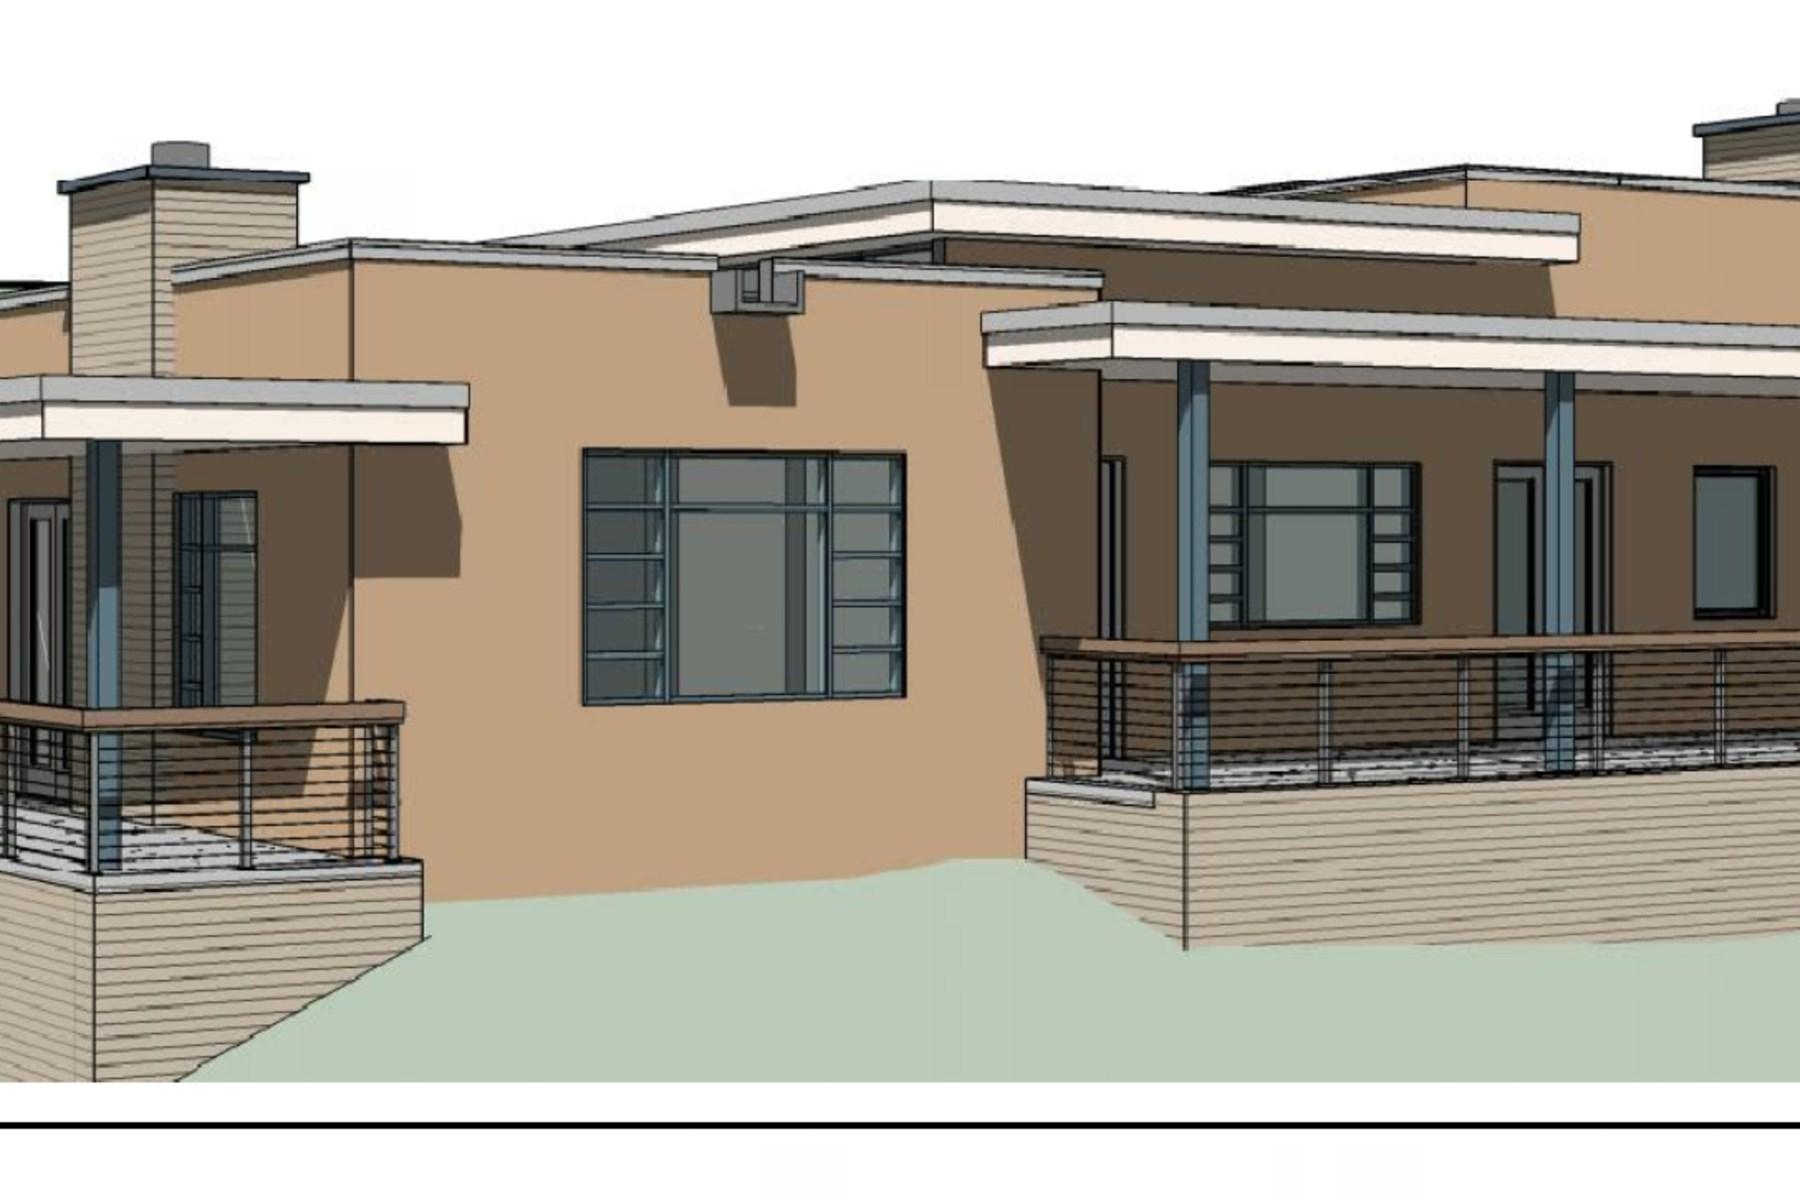 Maison unifamiliale pour l Vente à 2979 Broken Sherd Santa Fe City Northwest, Santa Fe, New Mexico, 87506 États-Unis